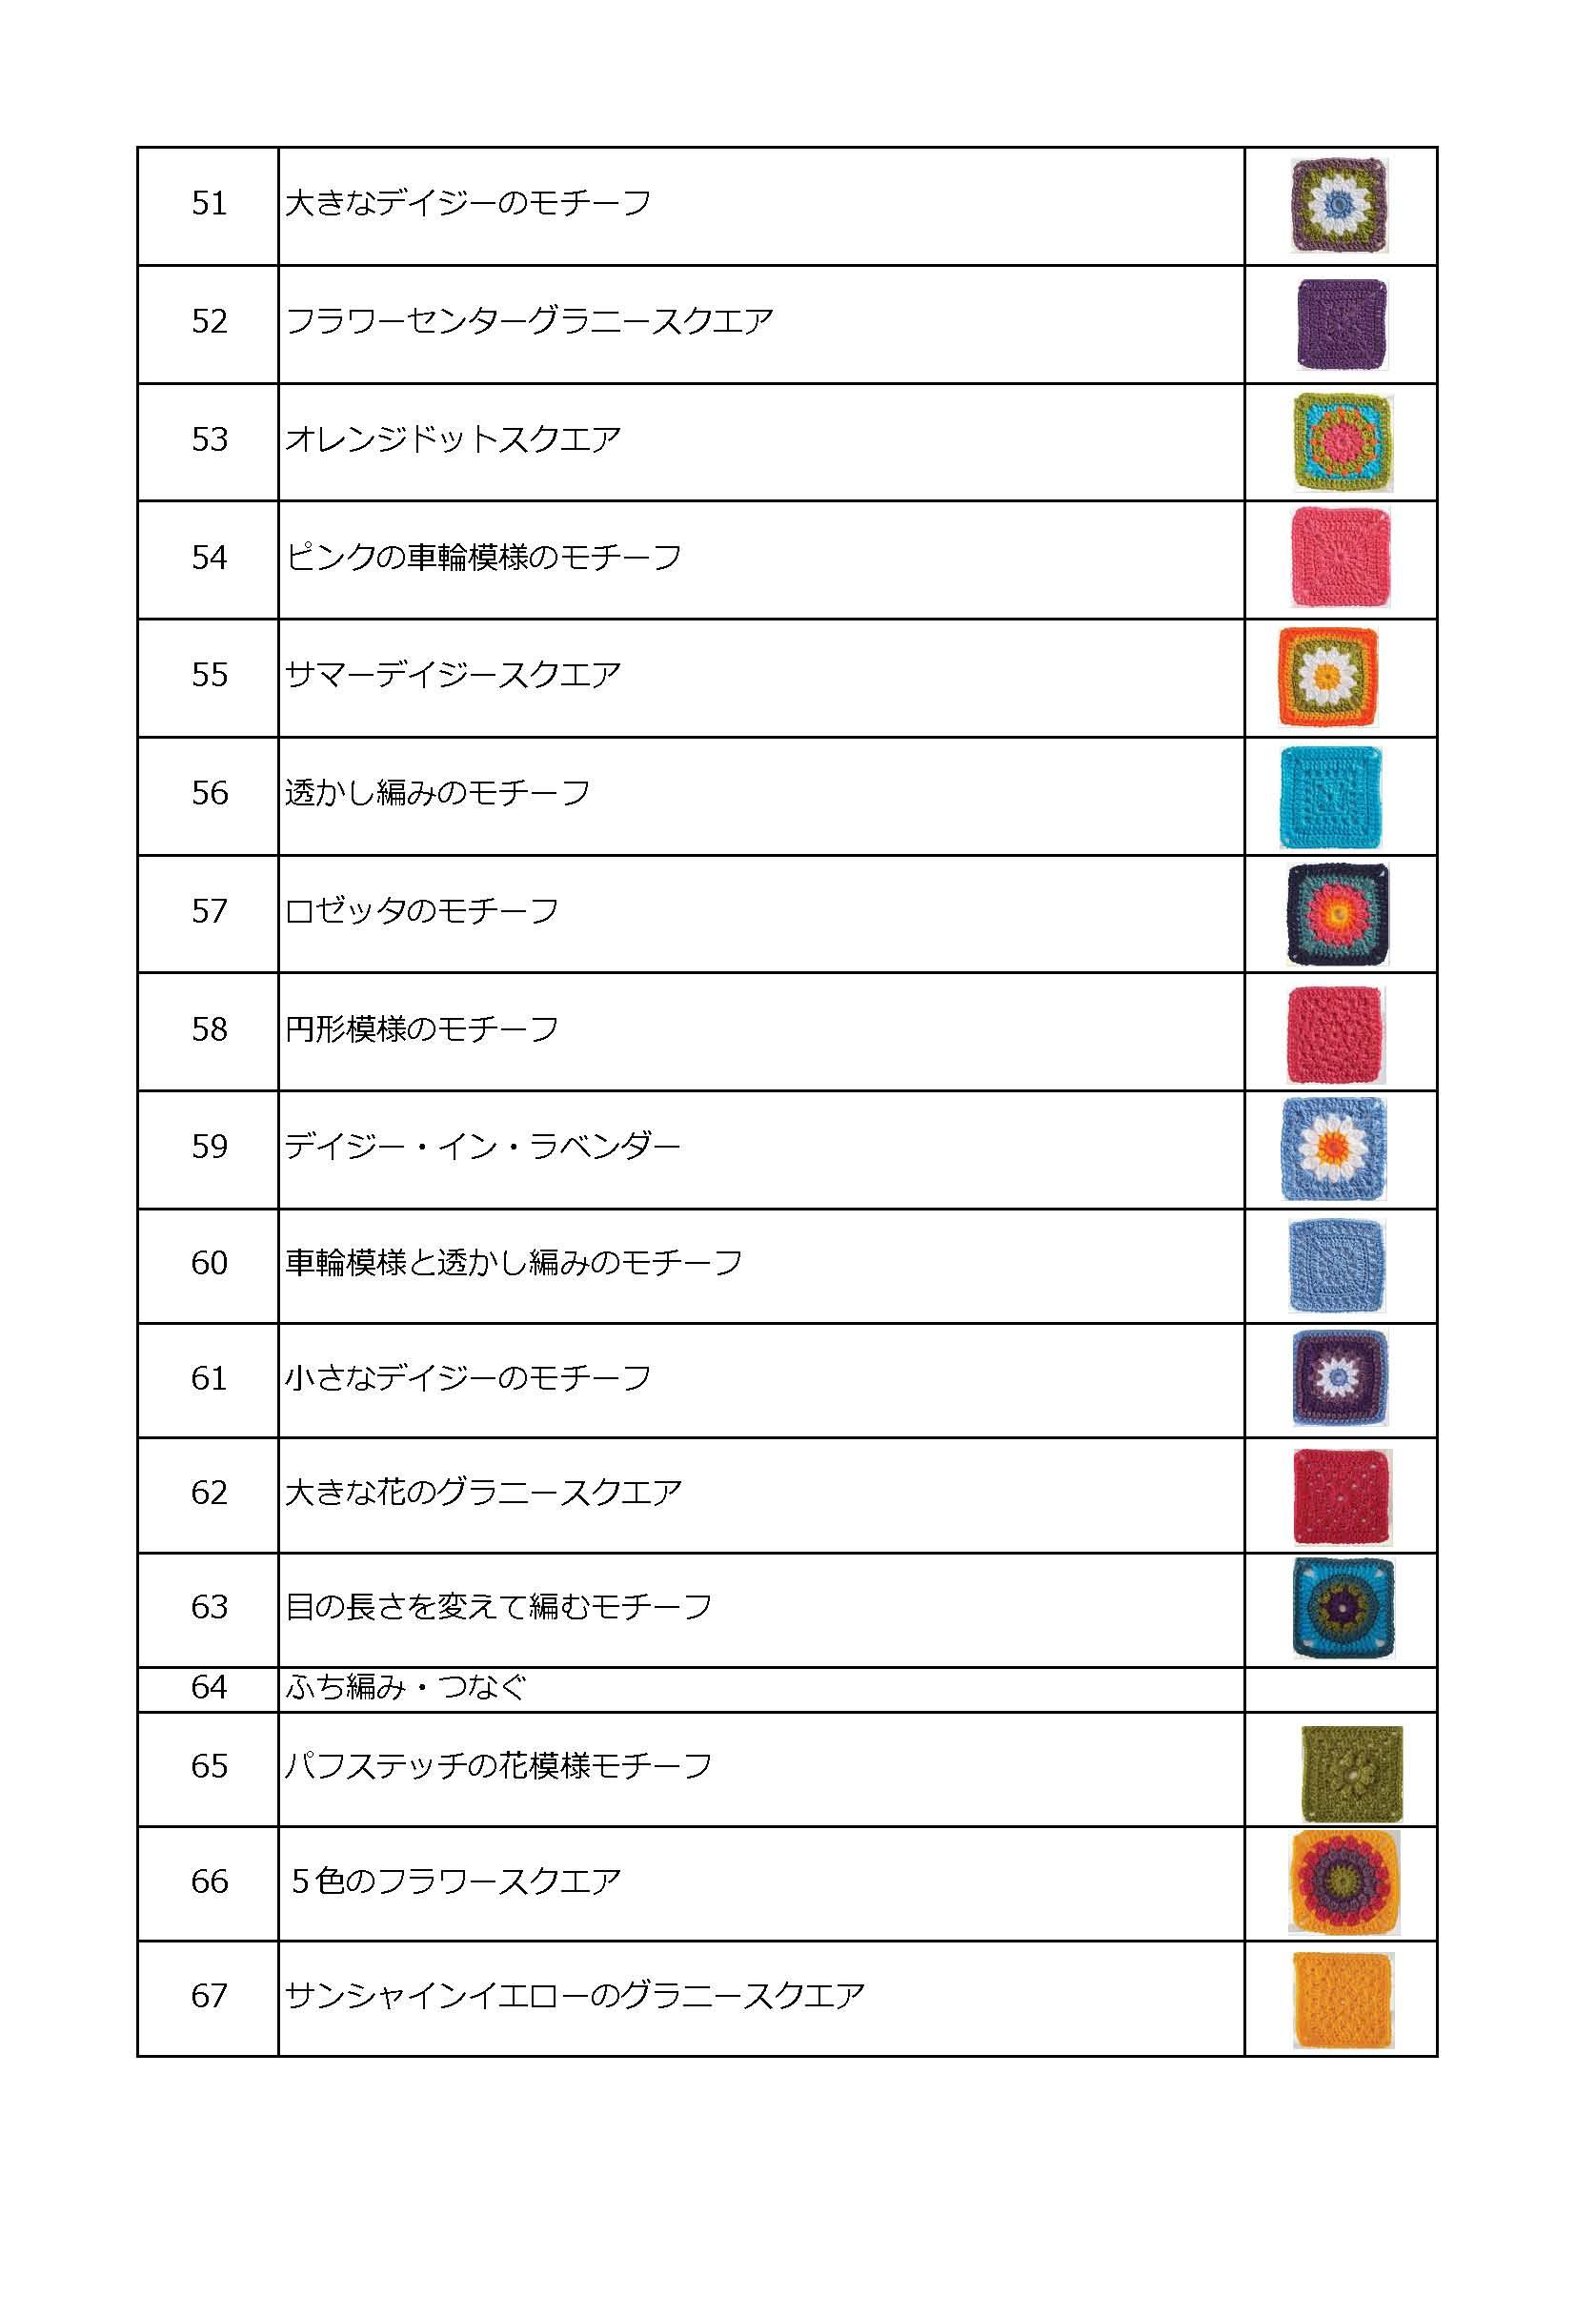 かぎ針編みラインアップ_ページ_4.jpg